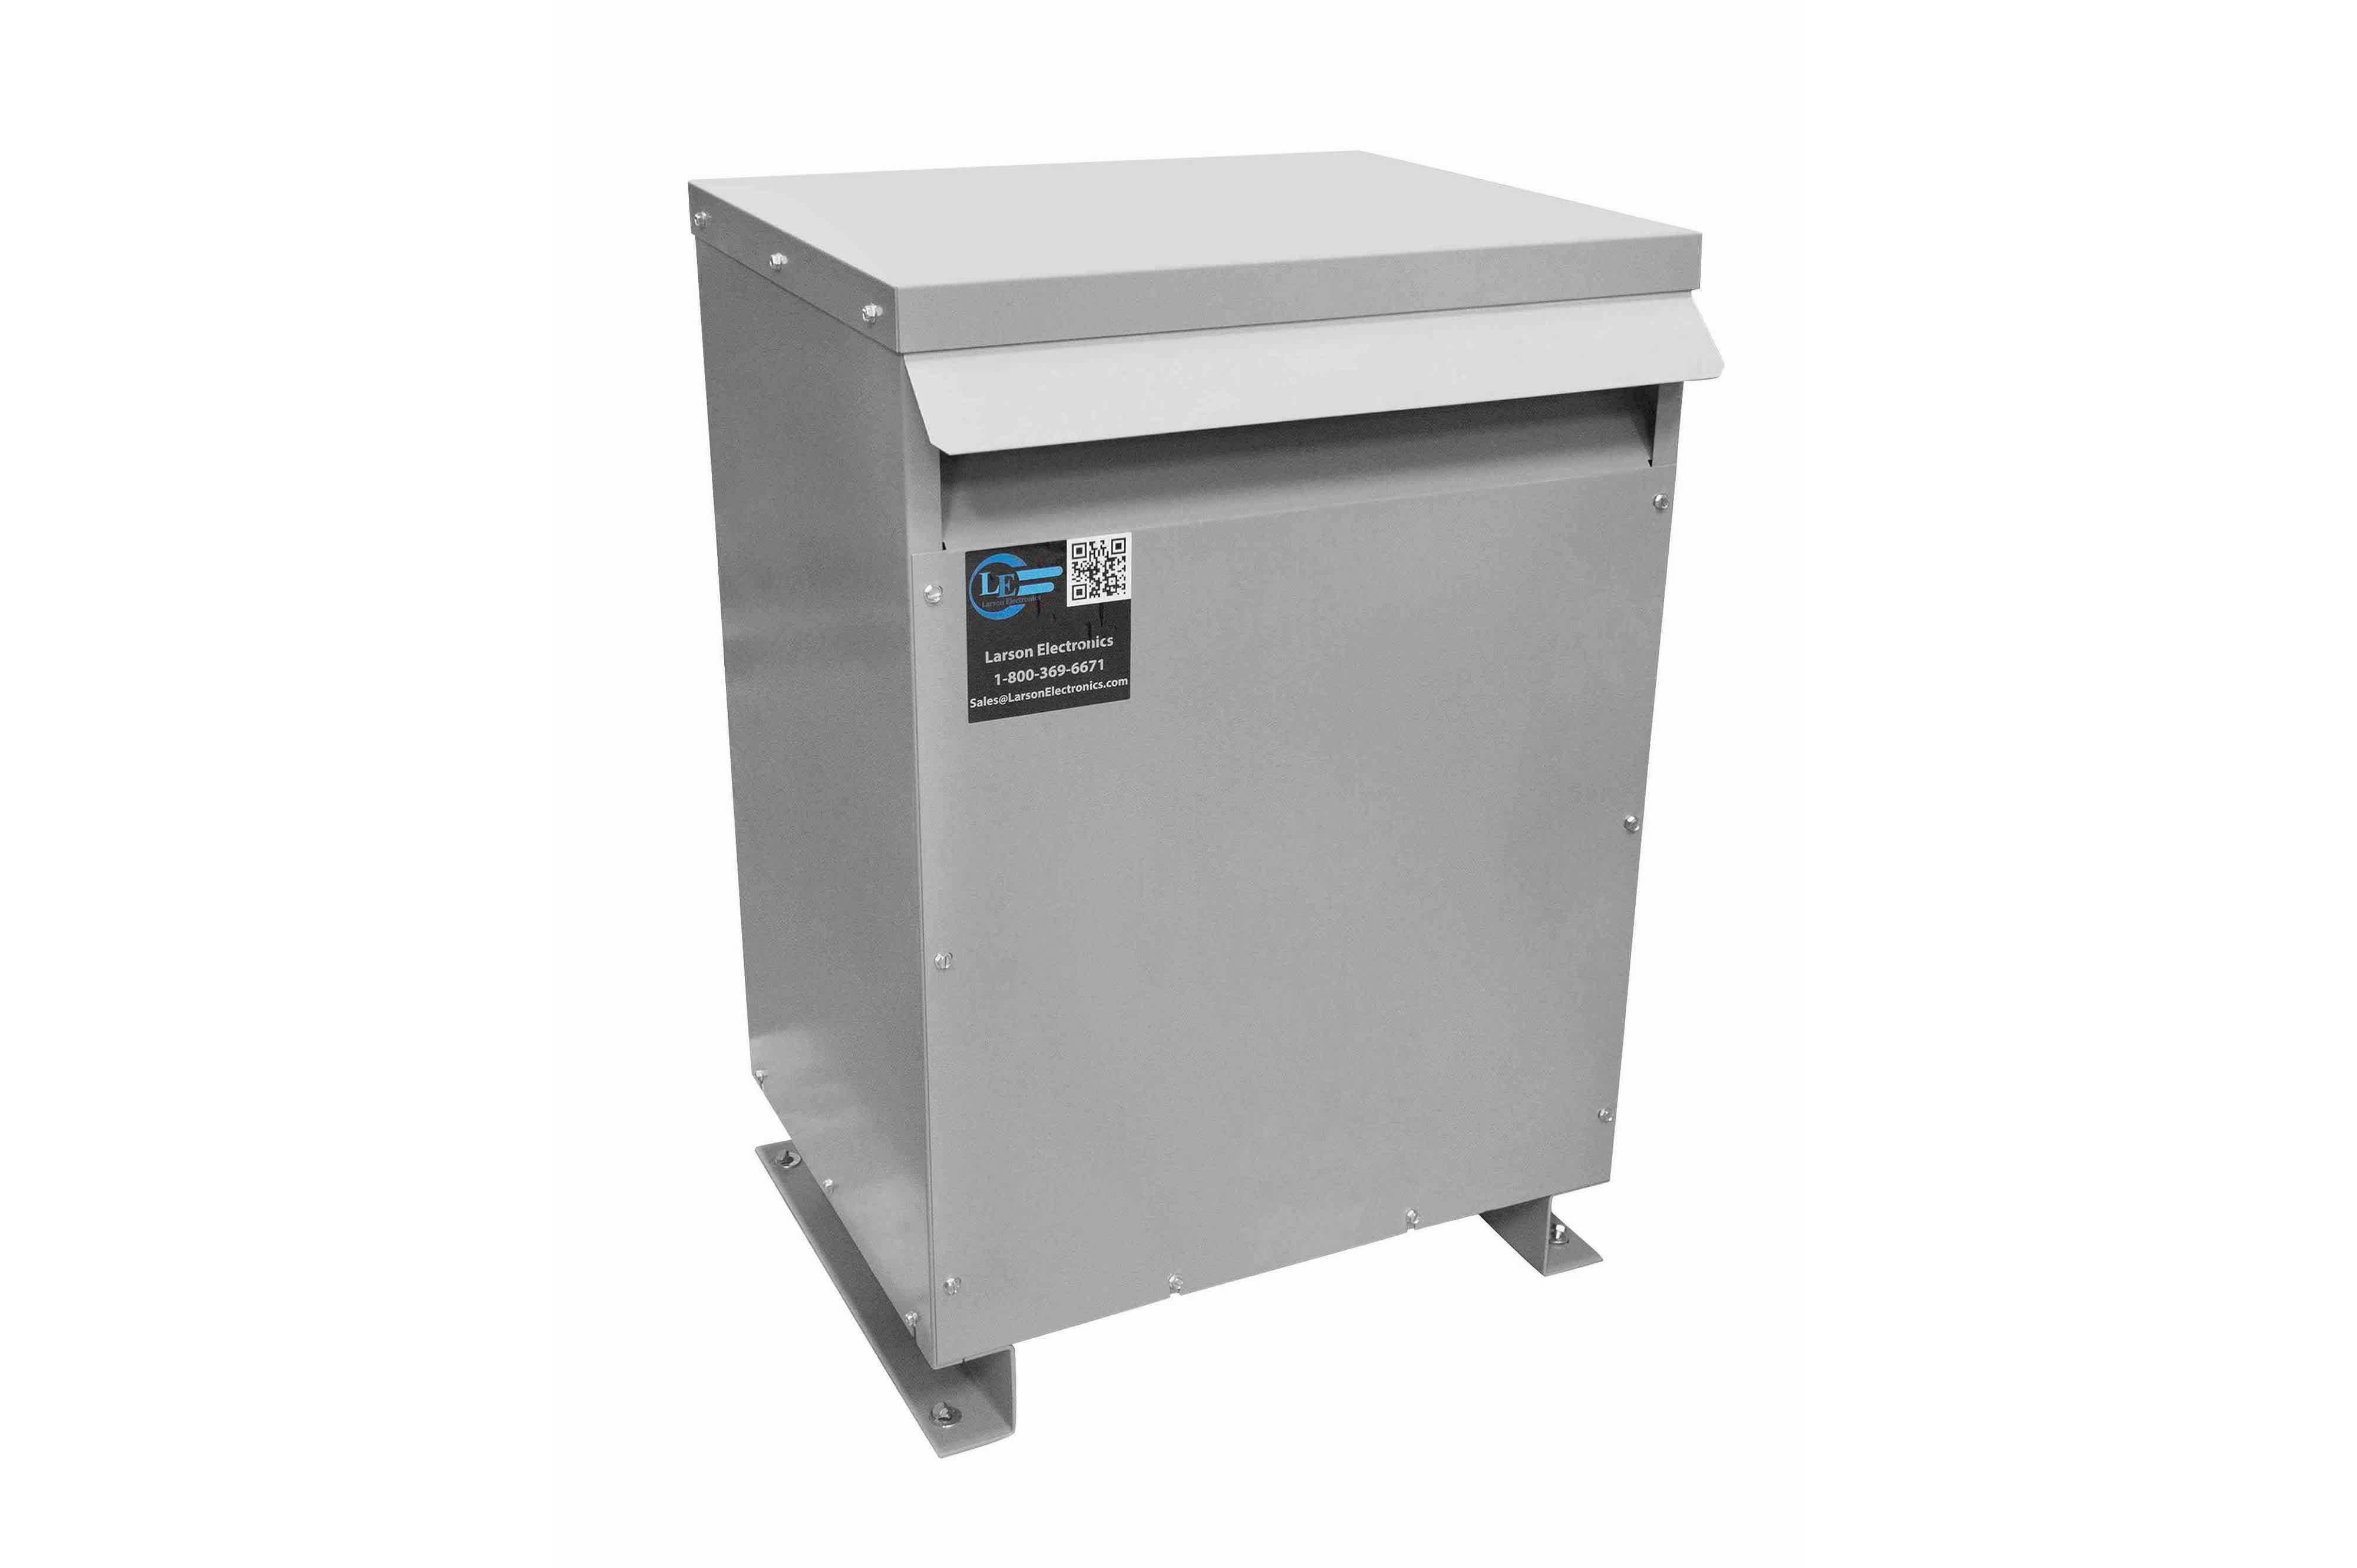 200 kVA 3PH Isolation Transformer, 380V Delta Primary, 600V Delta Secondary, N3R, Ventilated, 60 Hz